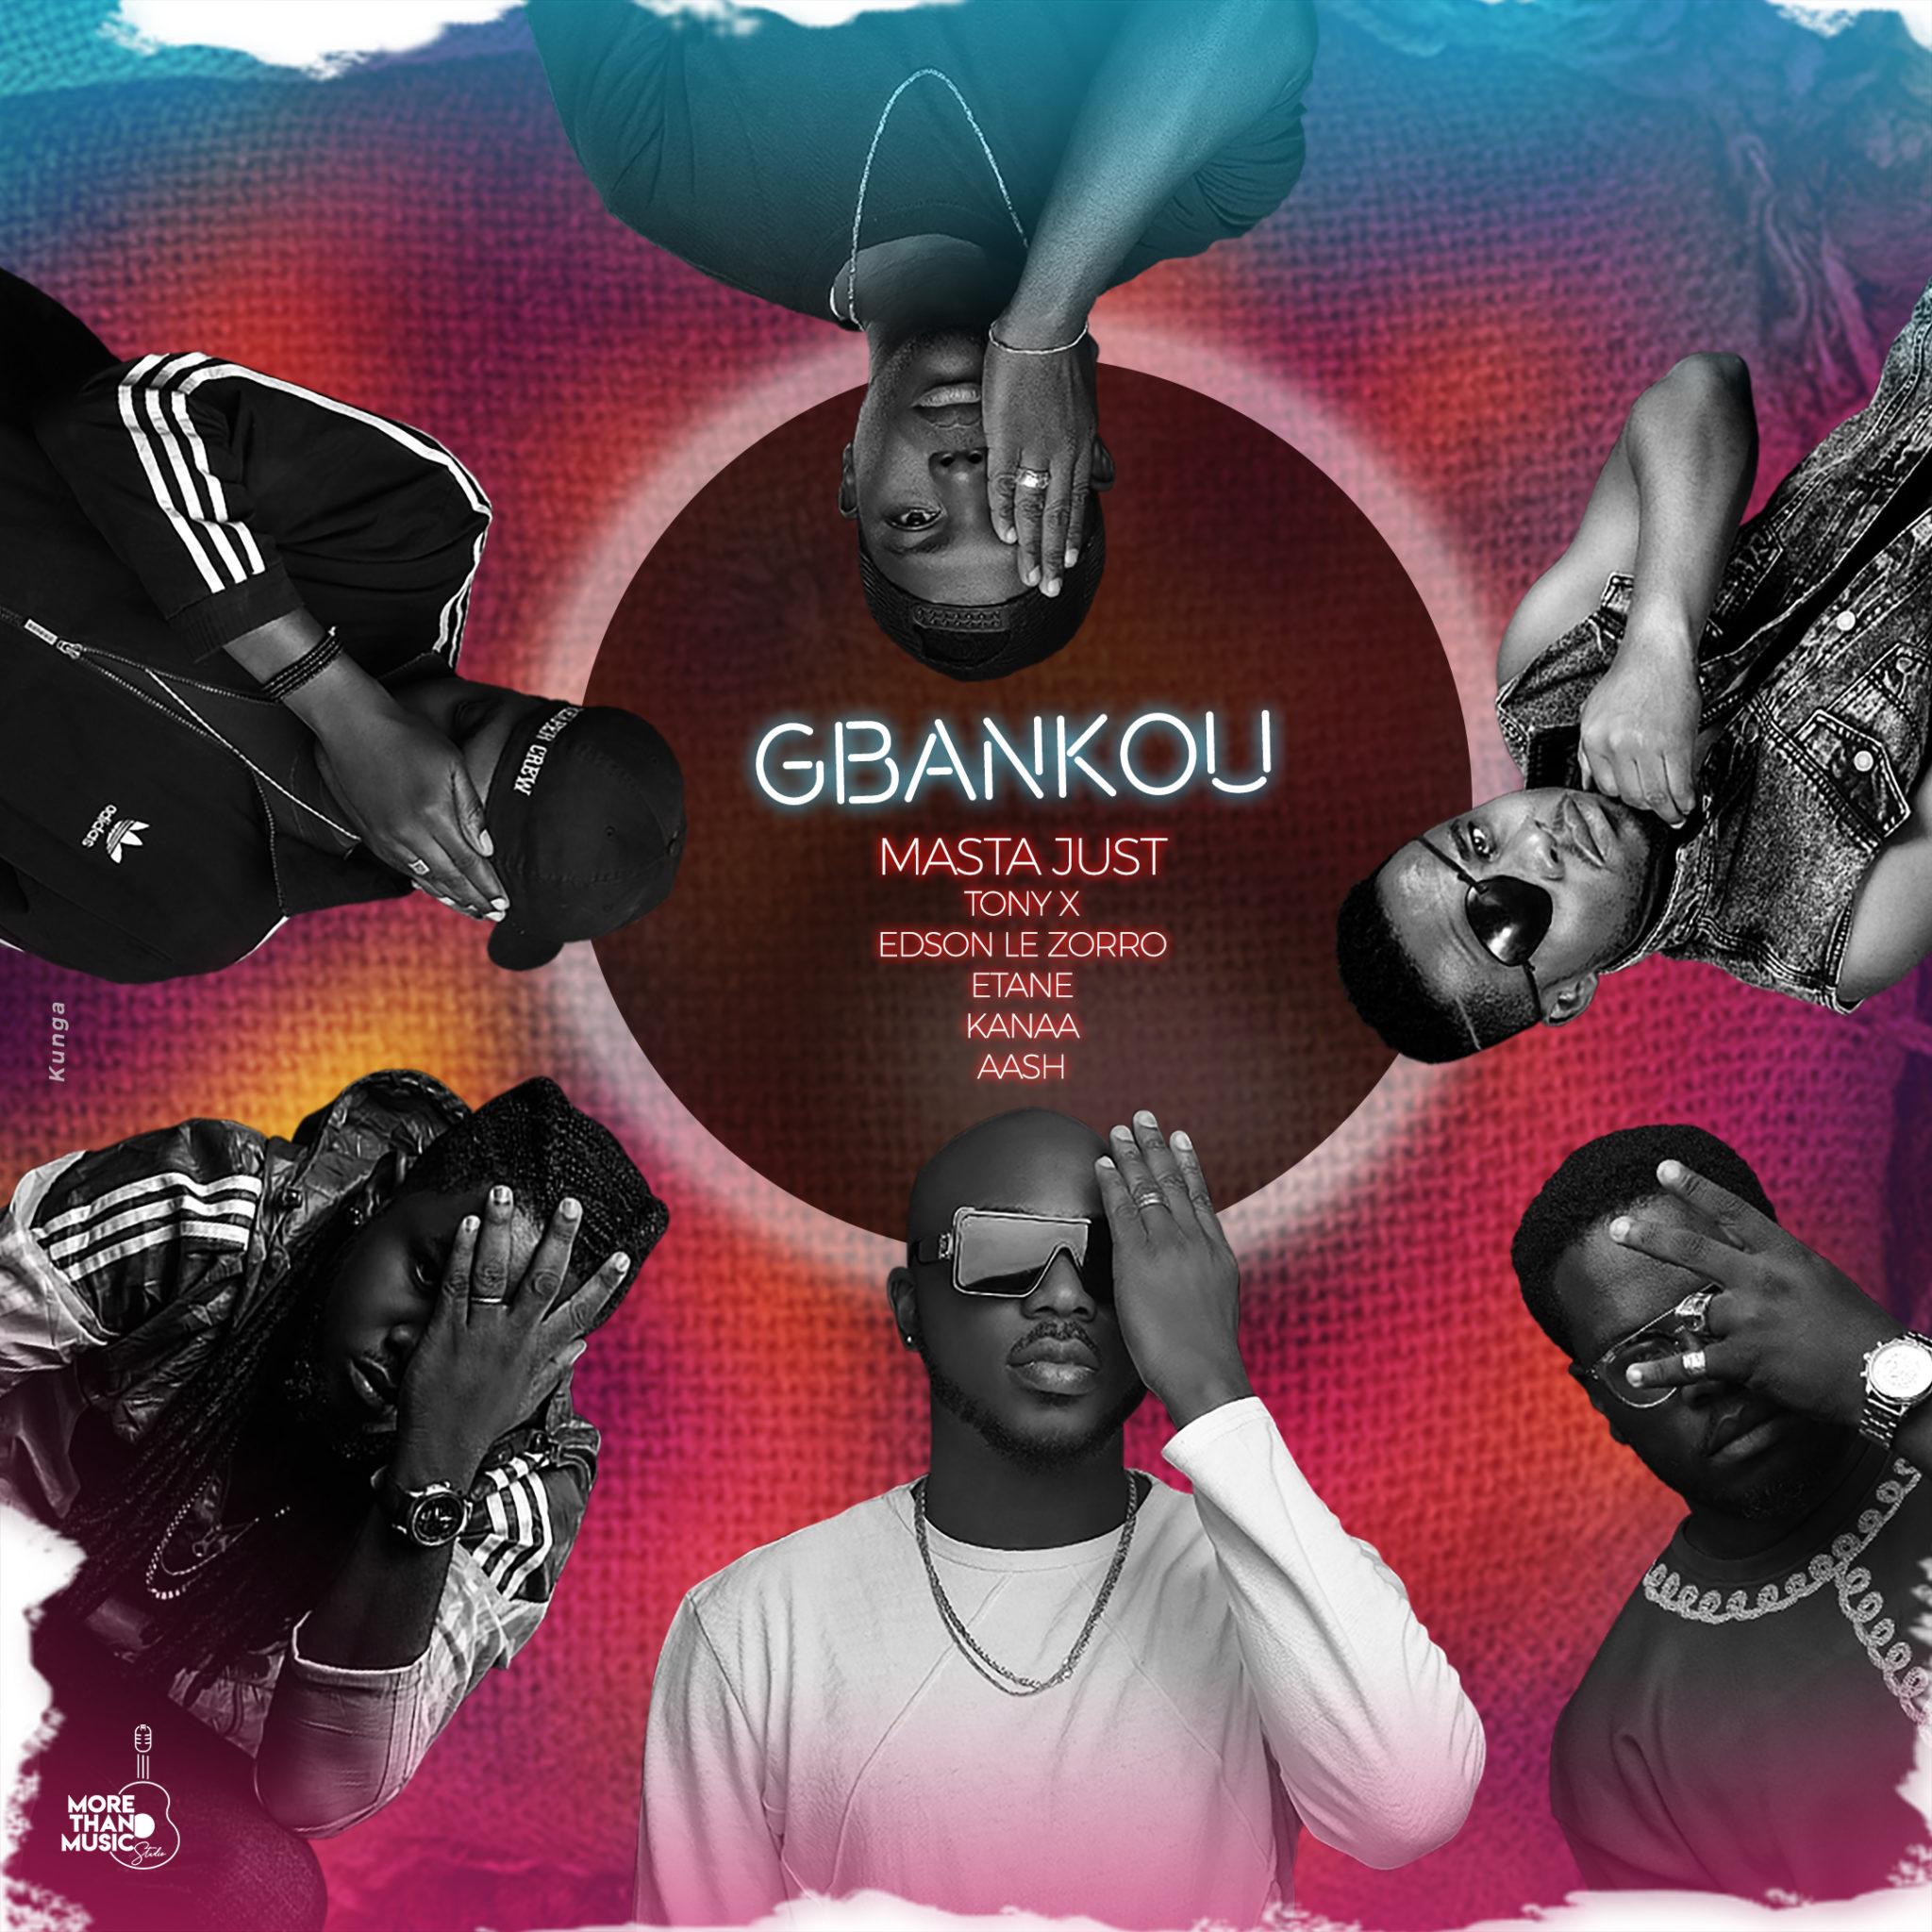 Aash Gbankou